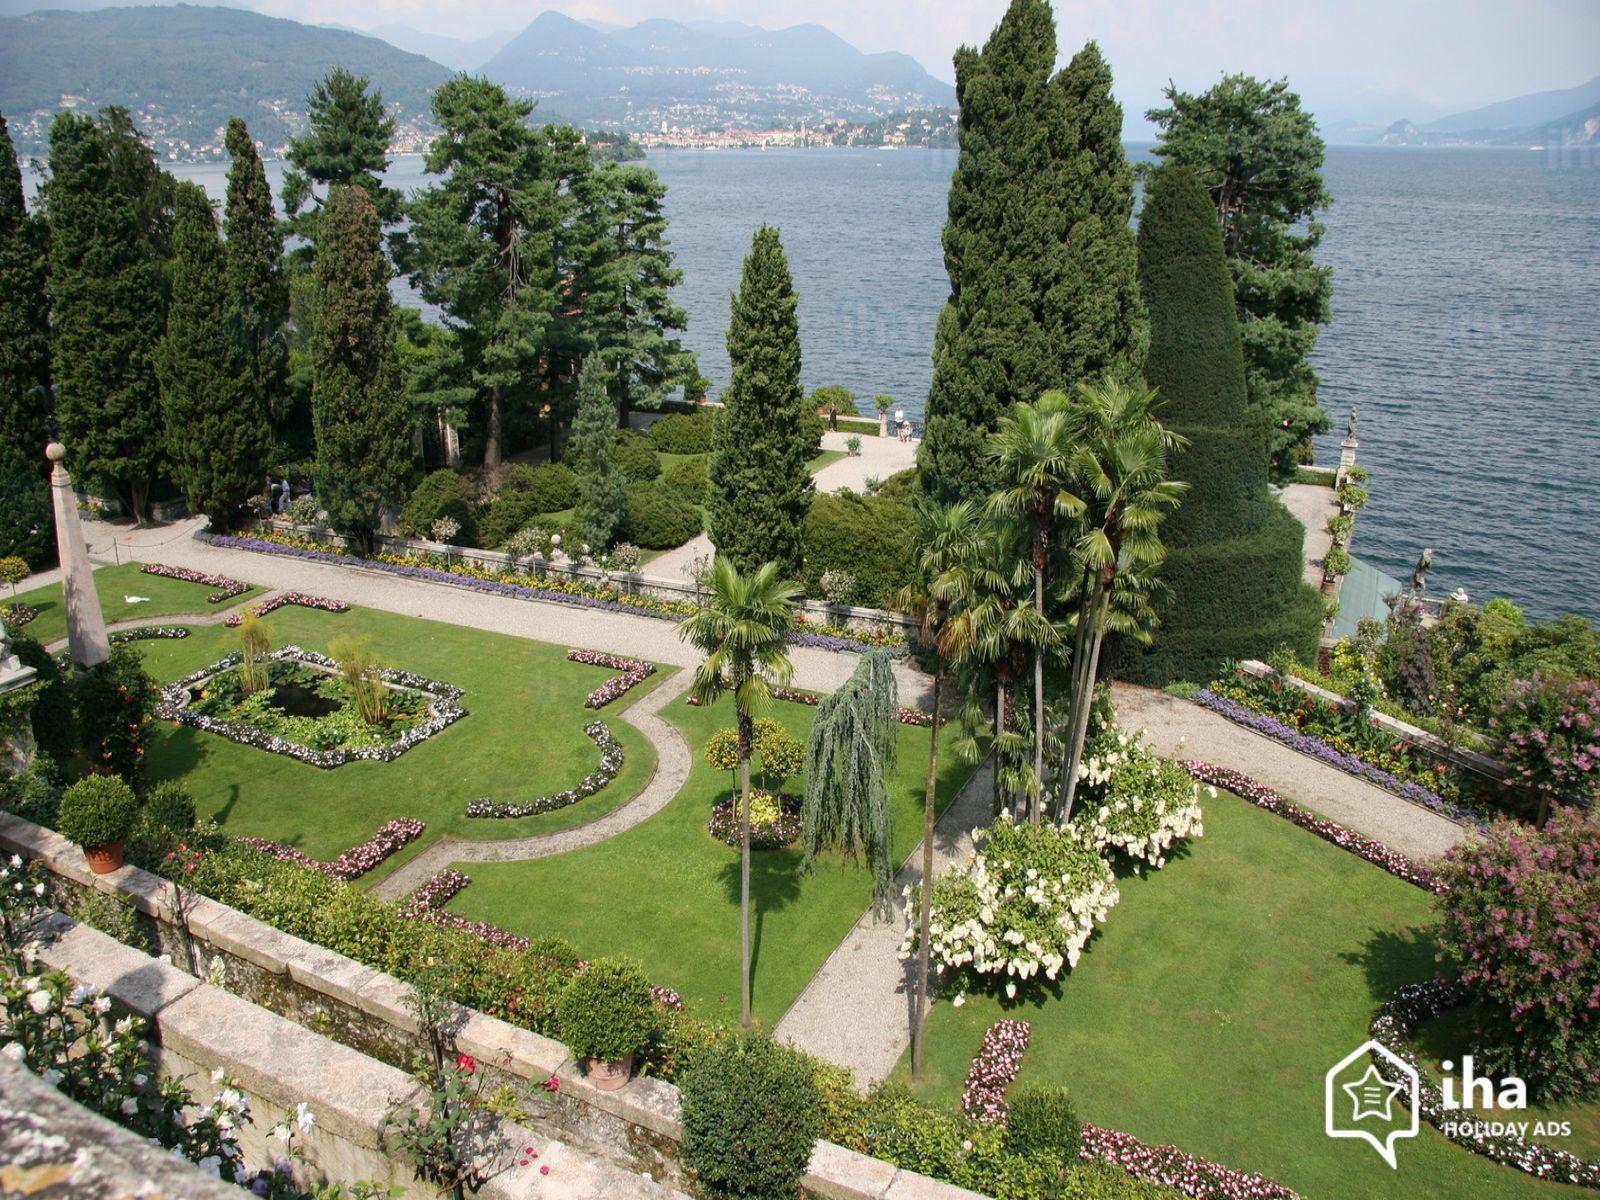 Provincia-di-novara-Lago-maggiore